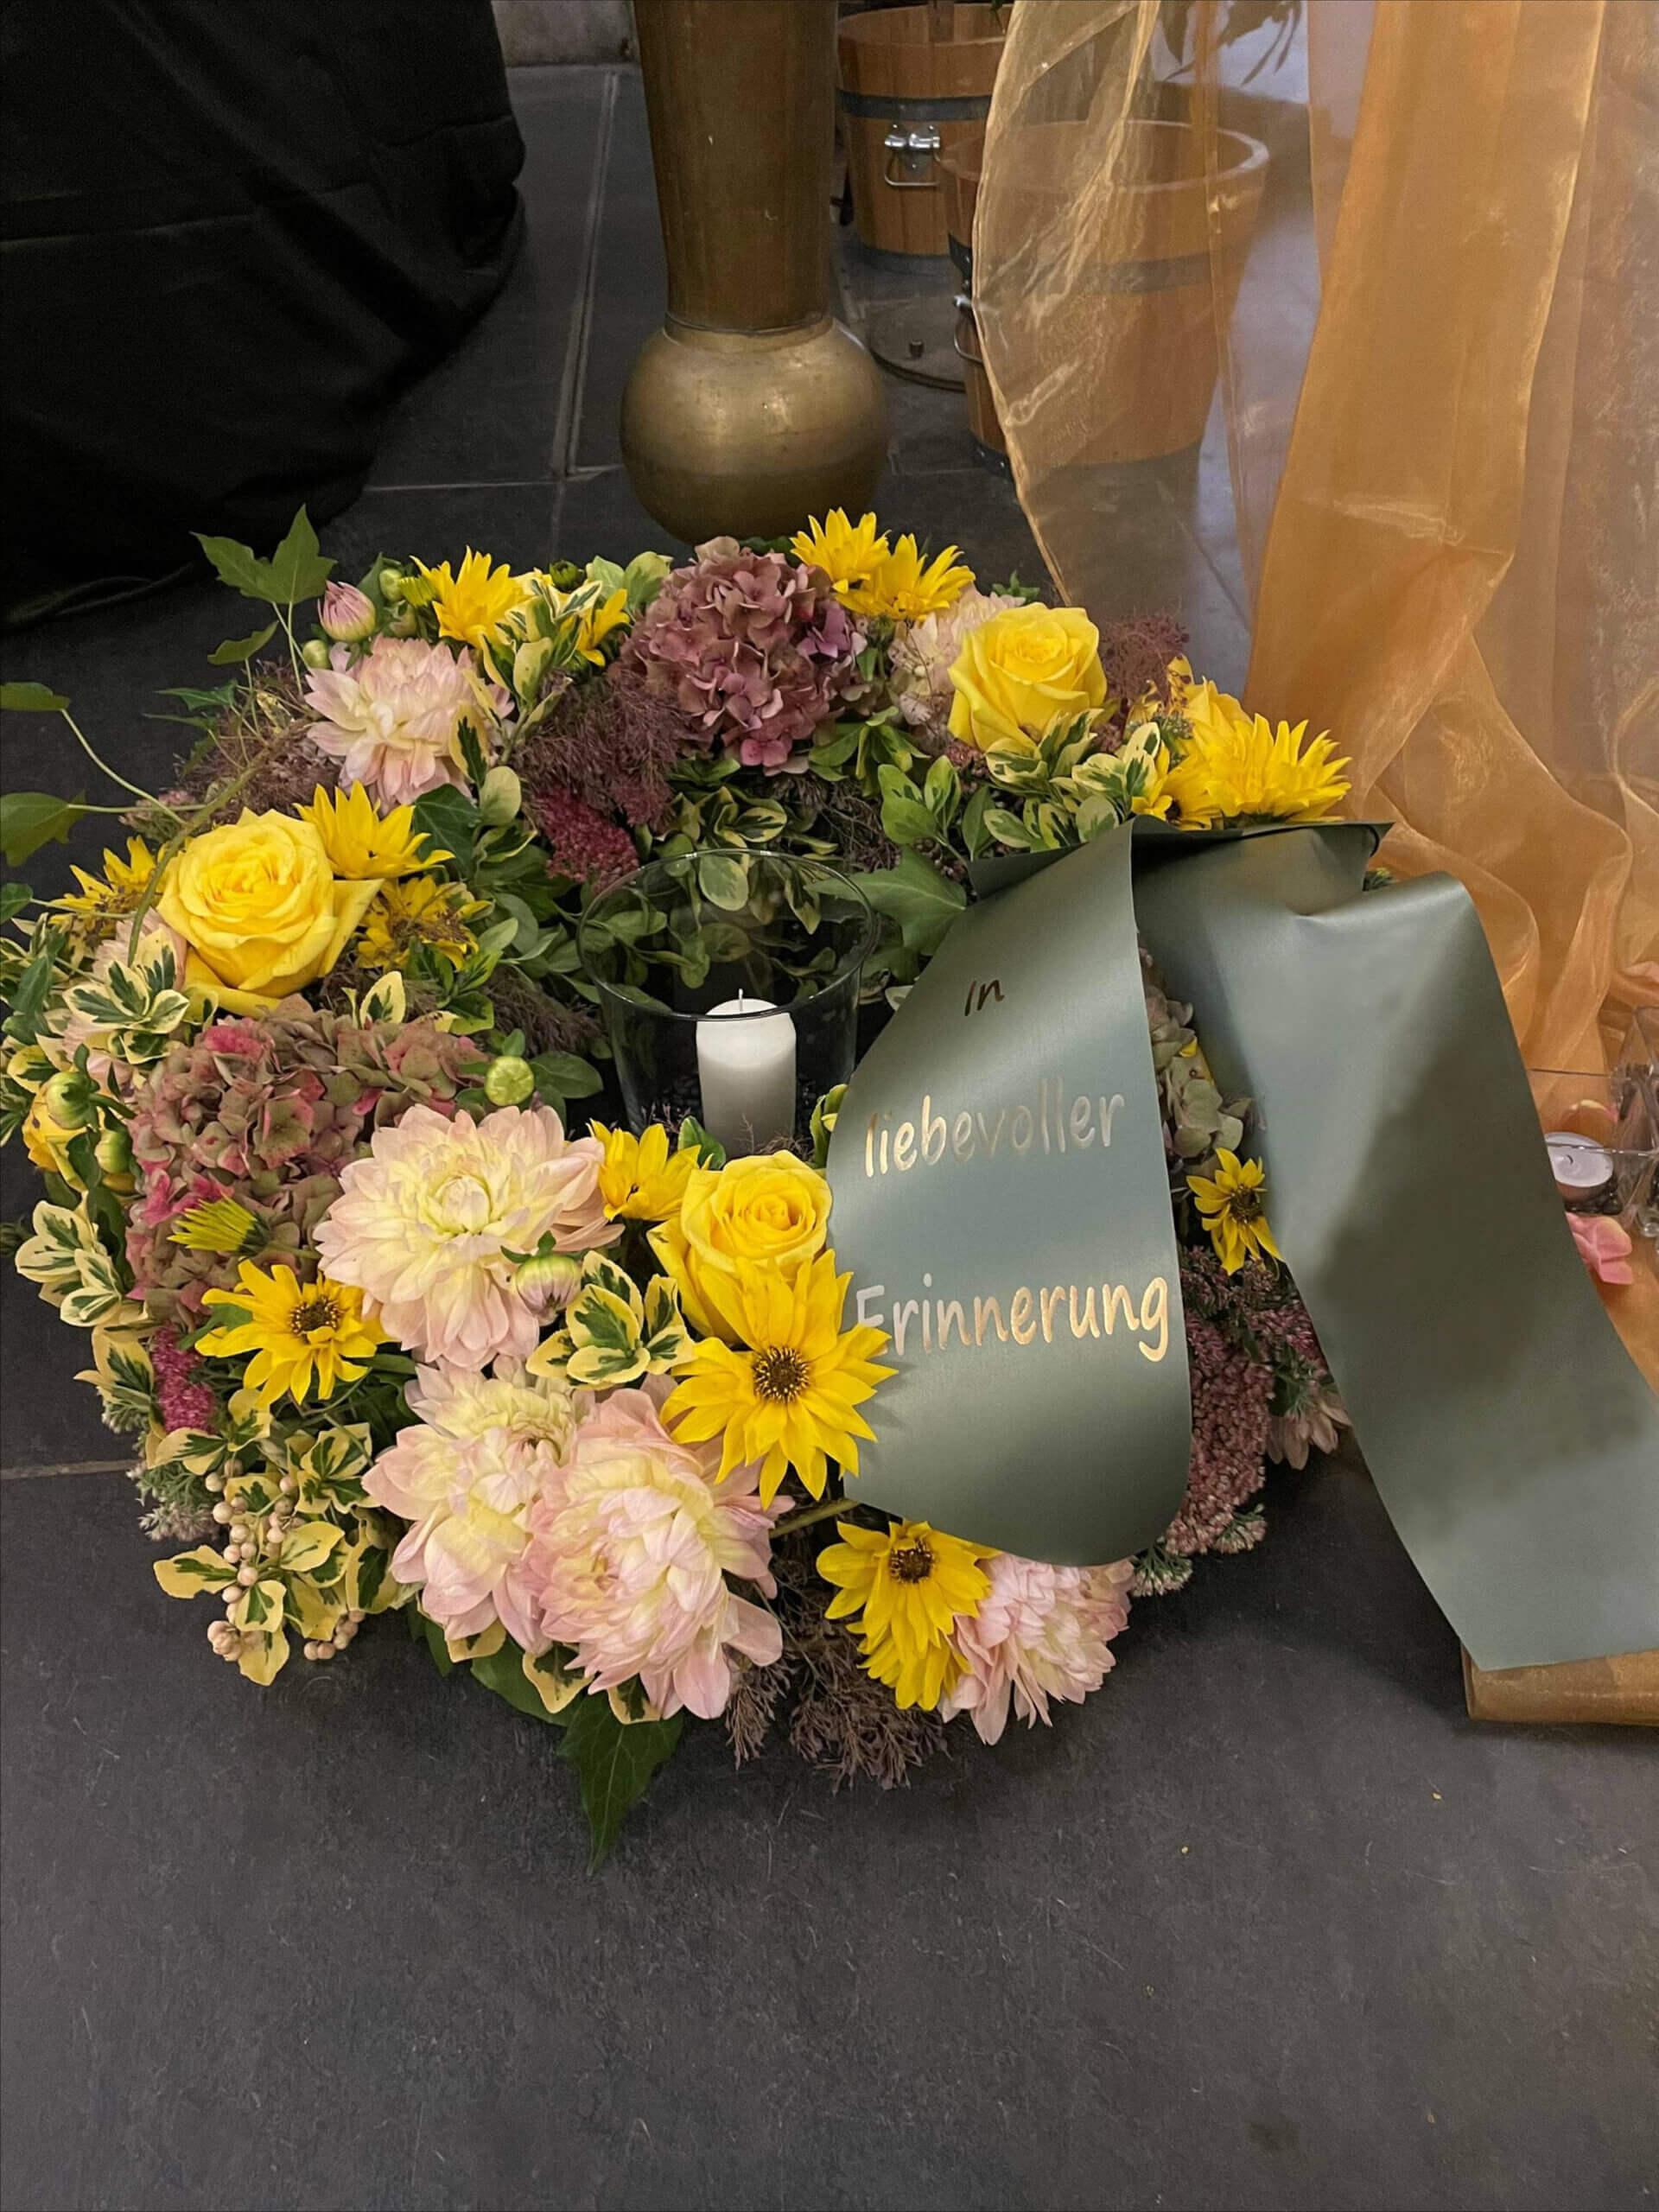 Sonnenblumen an Trauerkranz mit weißer Kerze